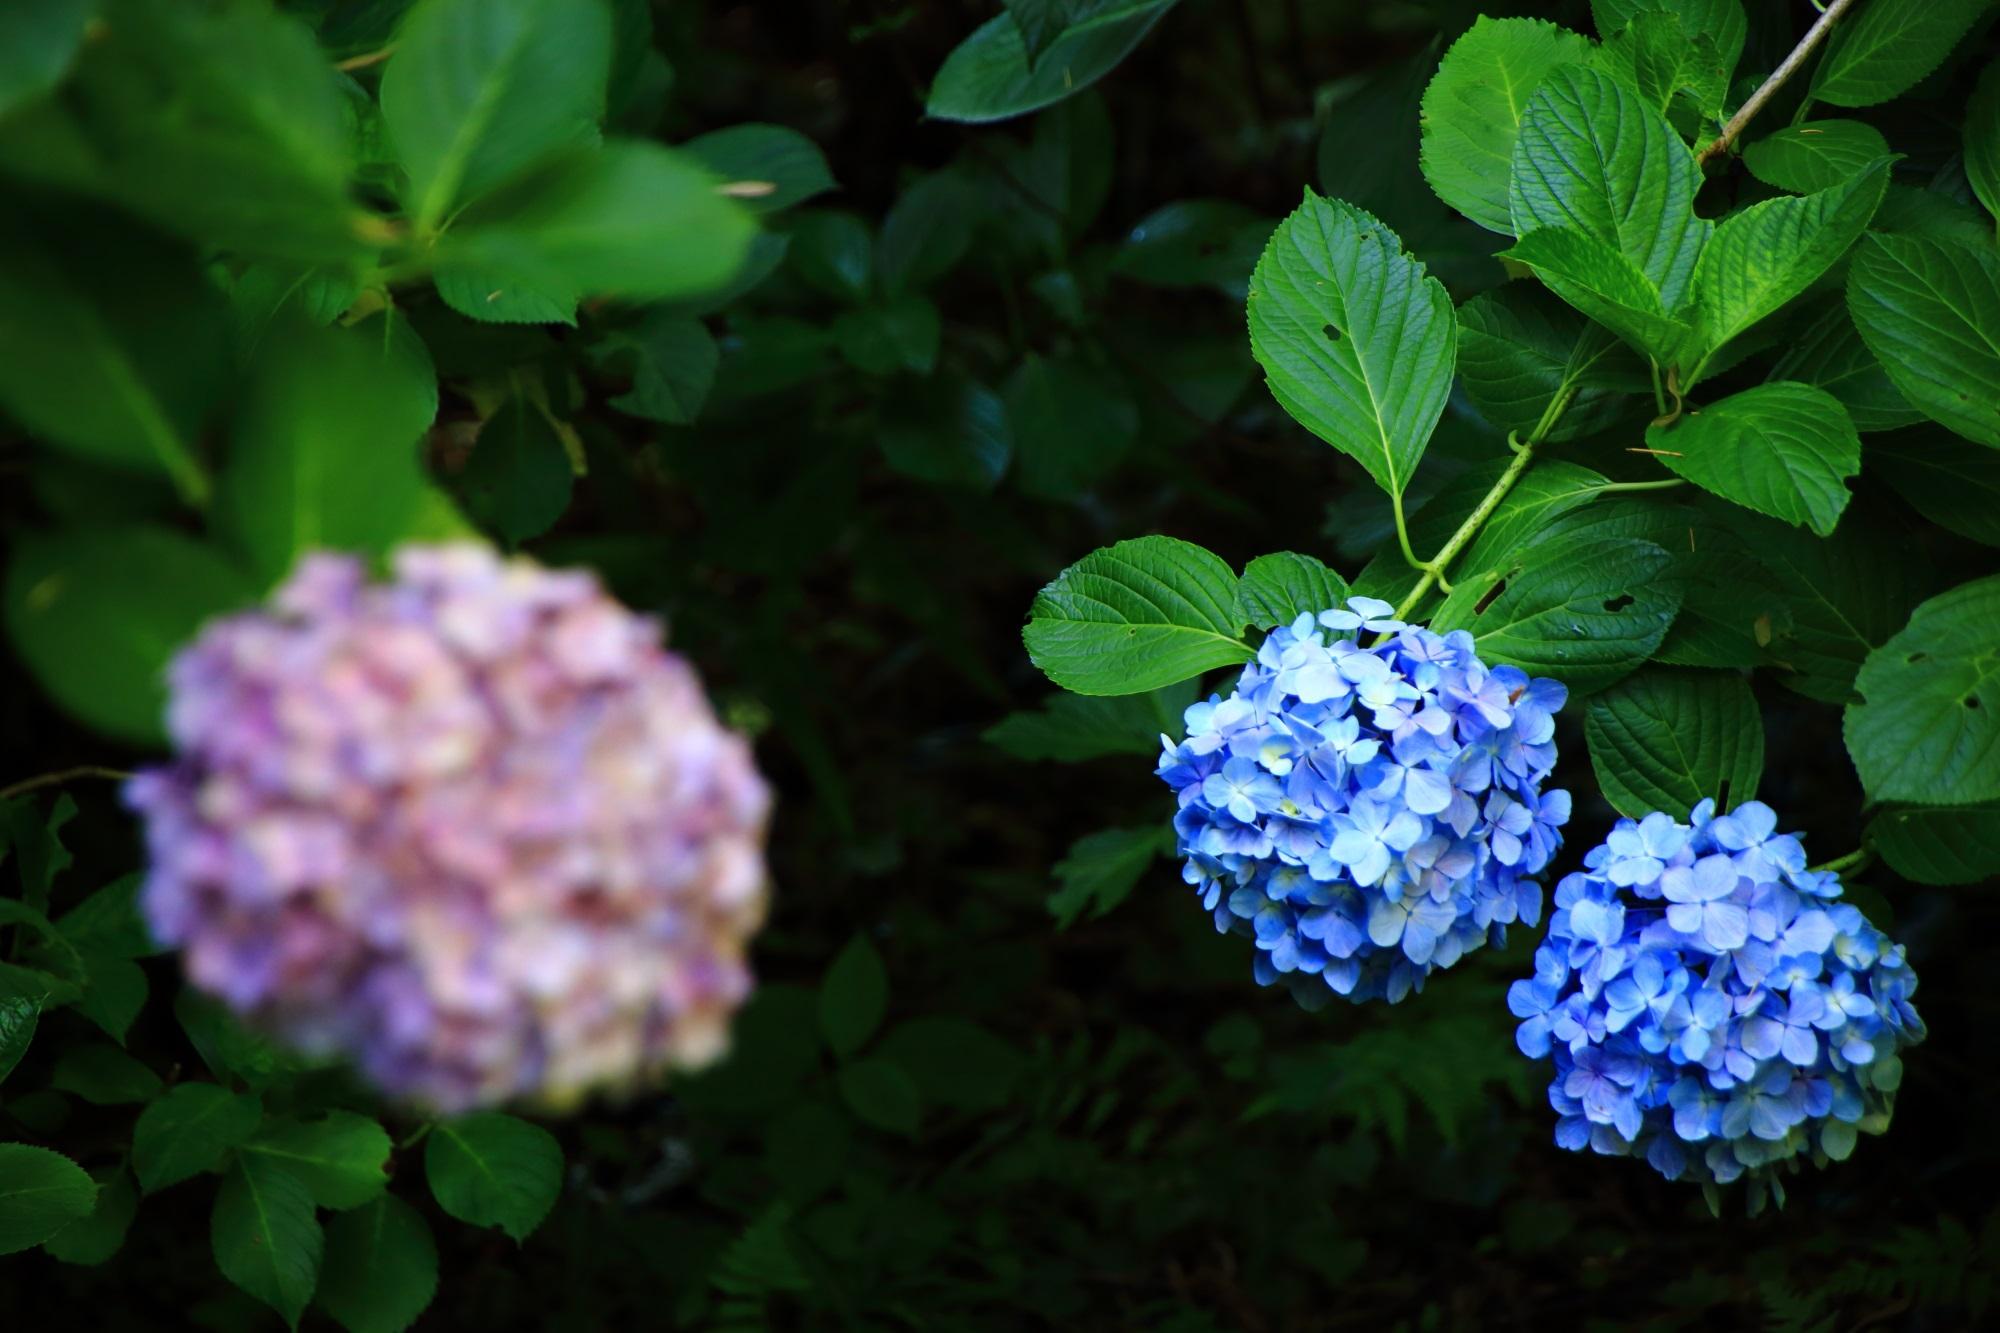 華やかさの中にも風情が感じられる紫陽花